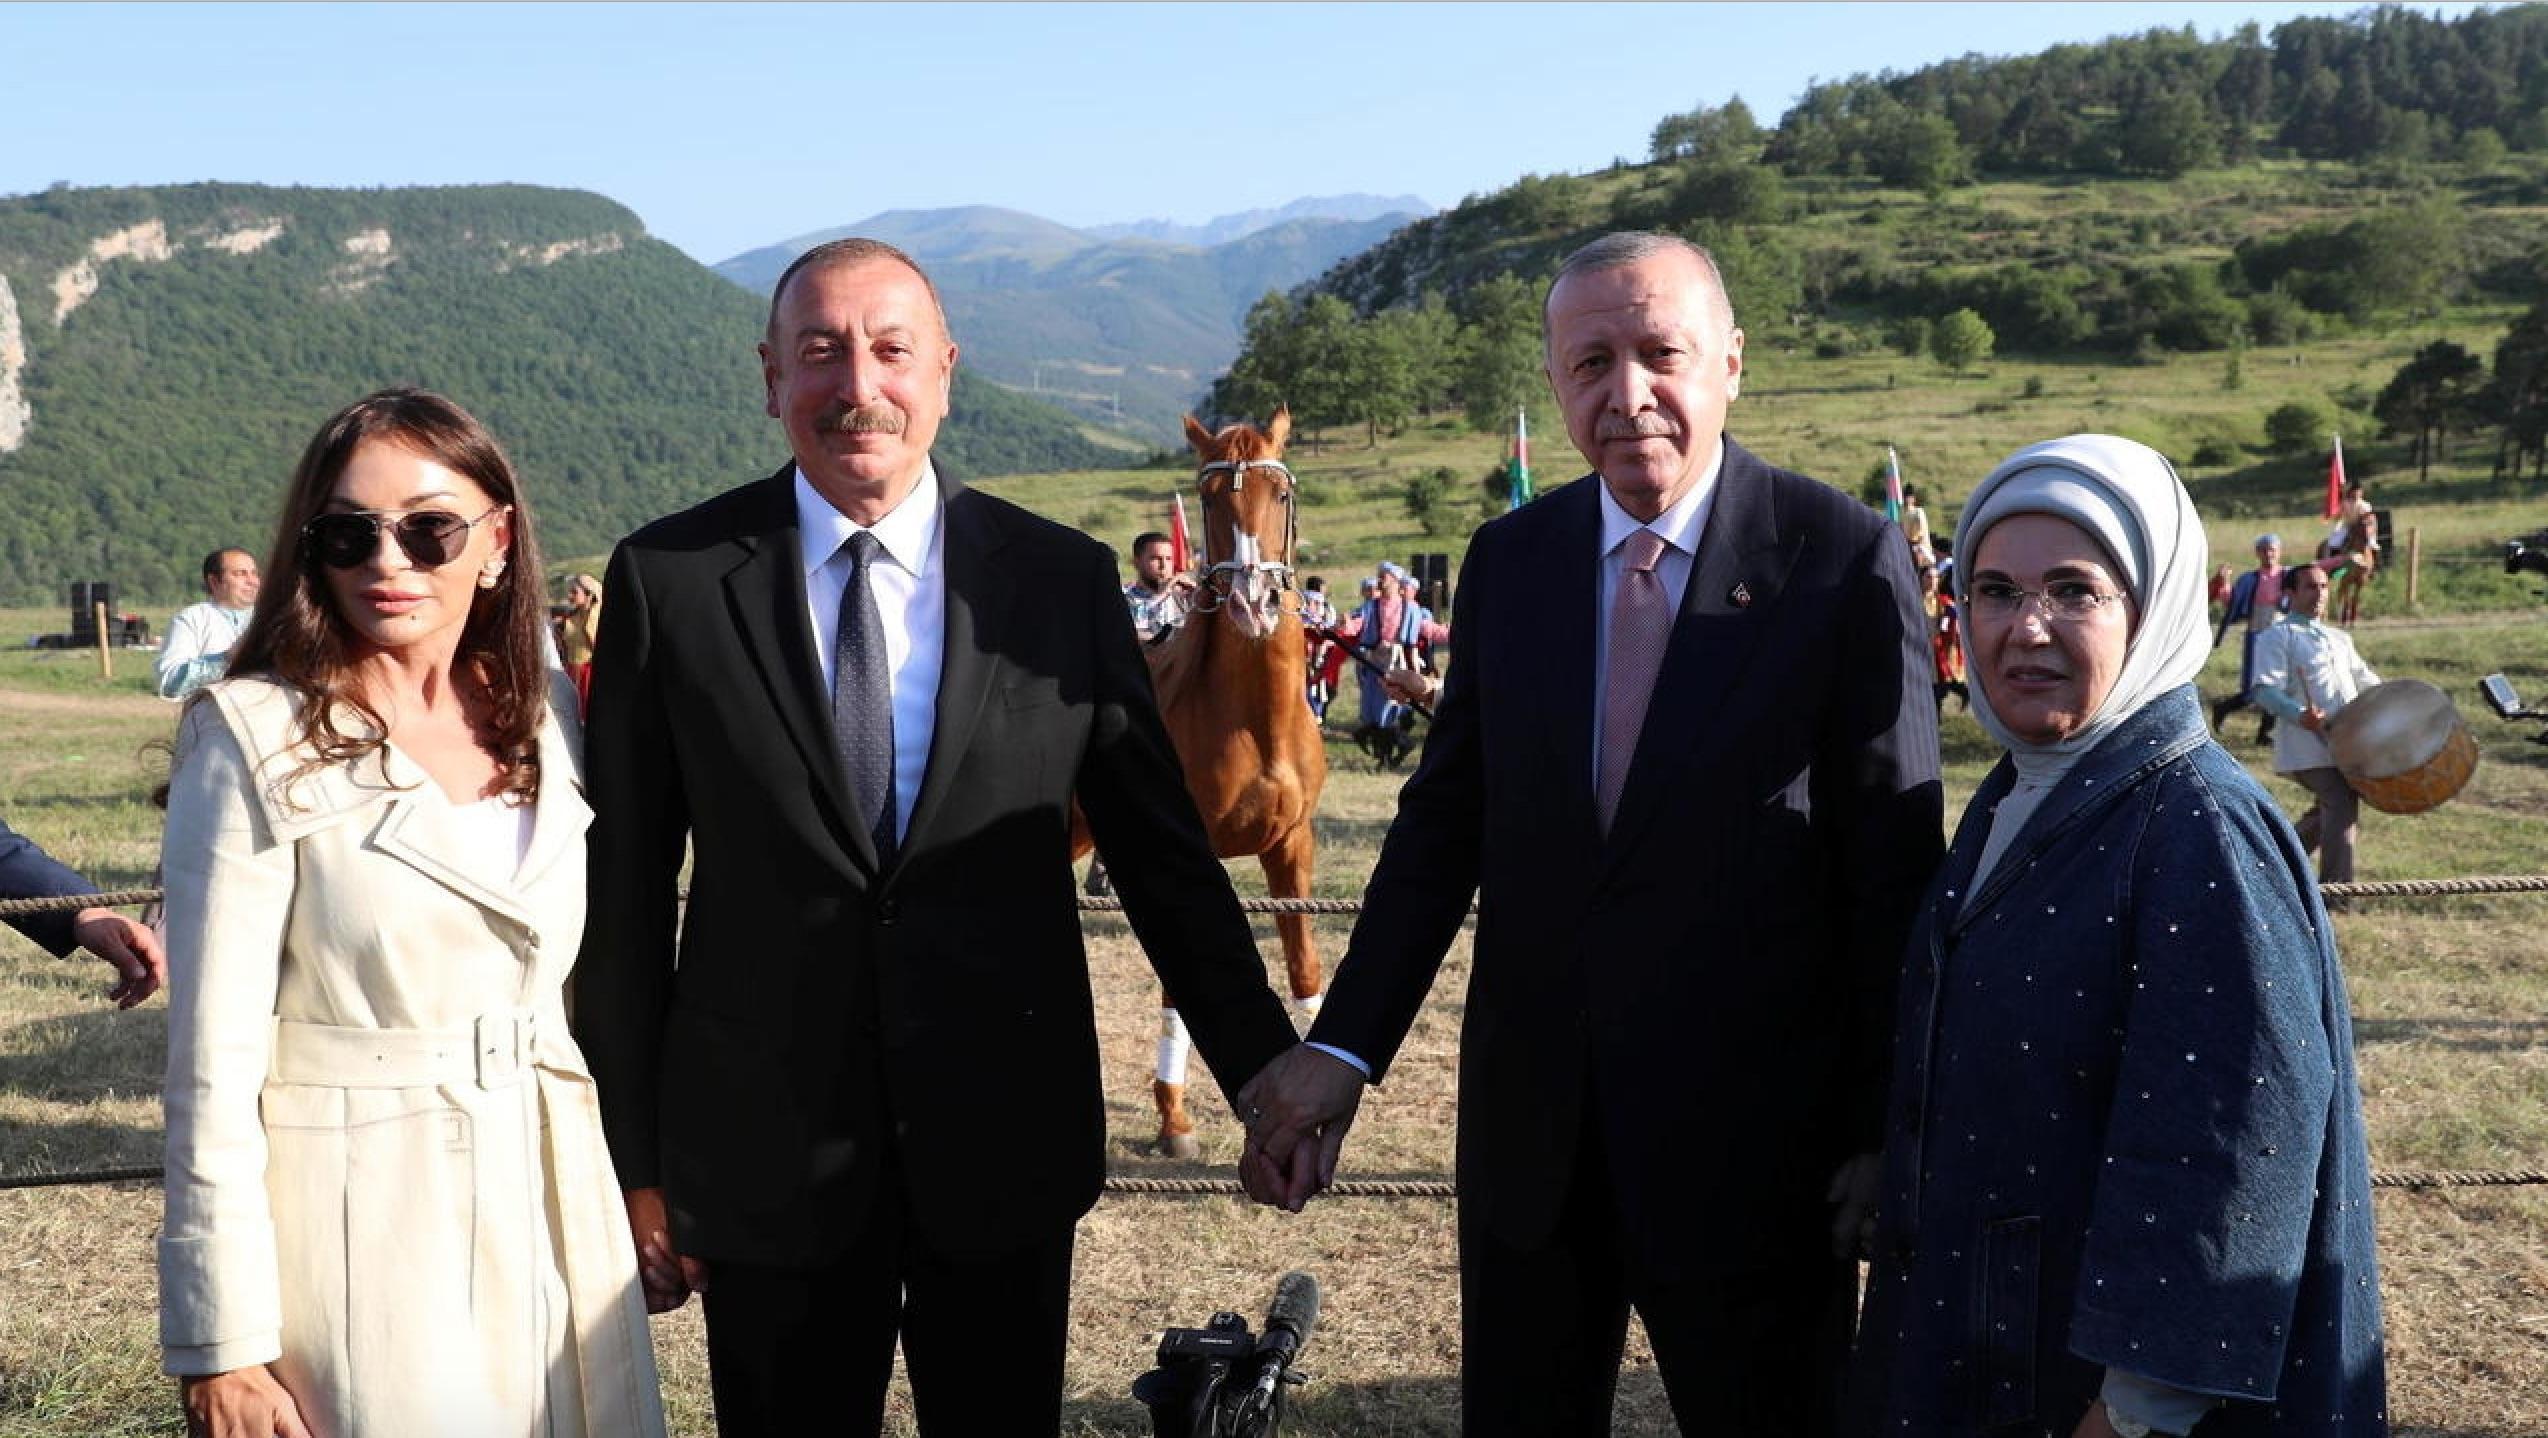 Tayyip Erdogan, le président turc (à droite), et Ilham Aliev, le président azerbaijanais, accompagnés de leurs épouses, à Chouchi, dans le Haut-Karabakh, le 15 juin 2021.